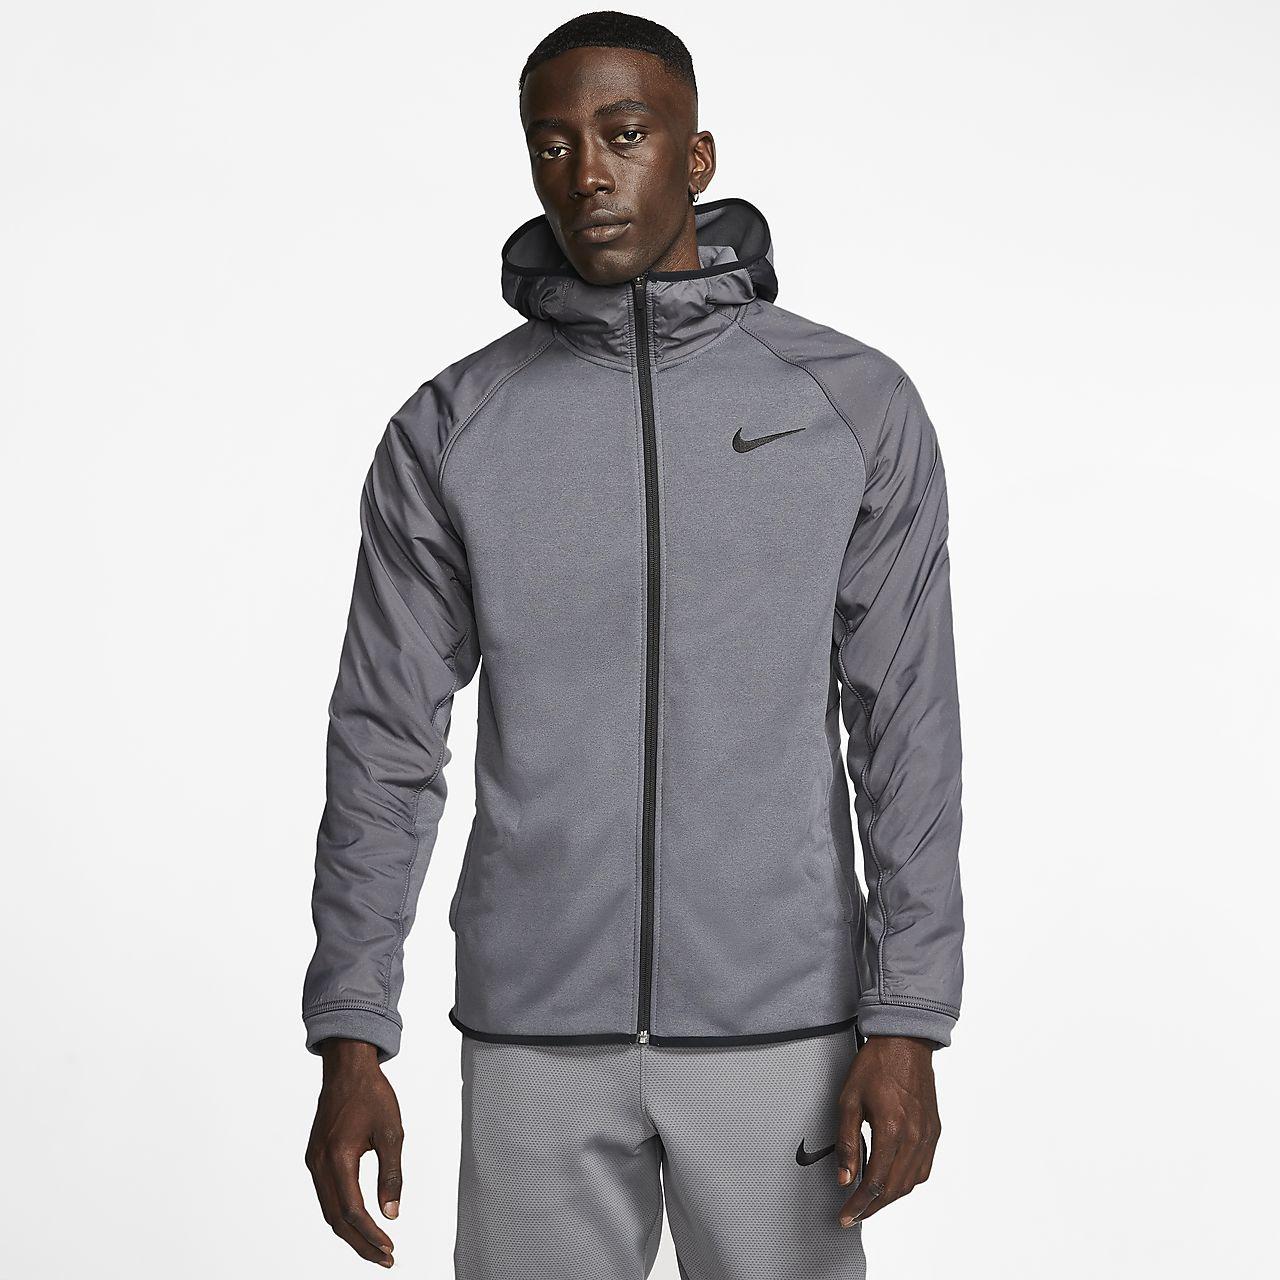 Nike Therma 男子全长拉链开襟篮球连帽衫